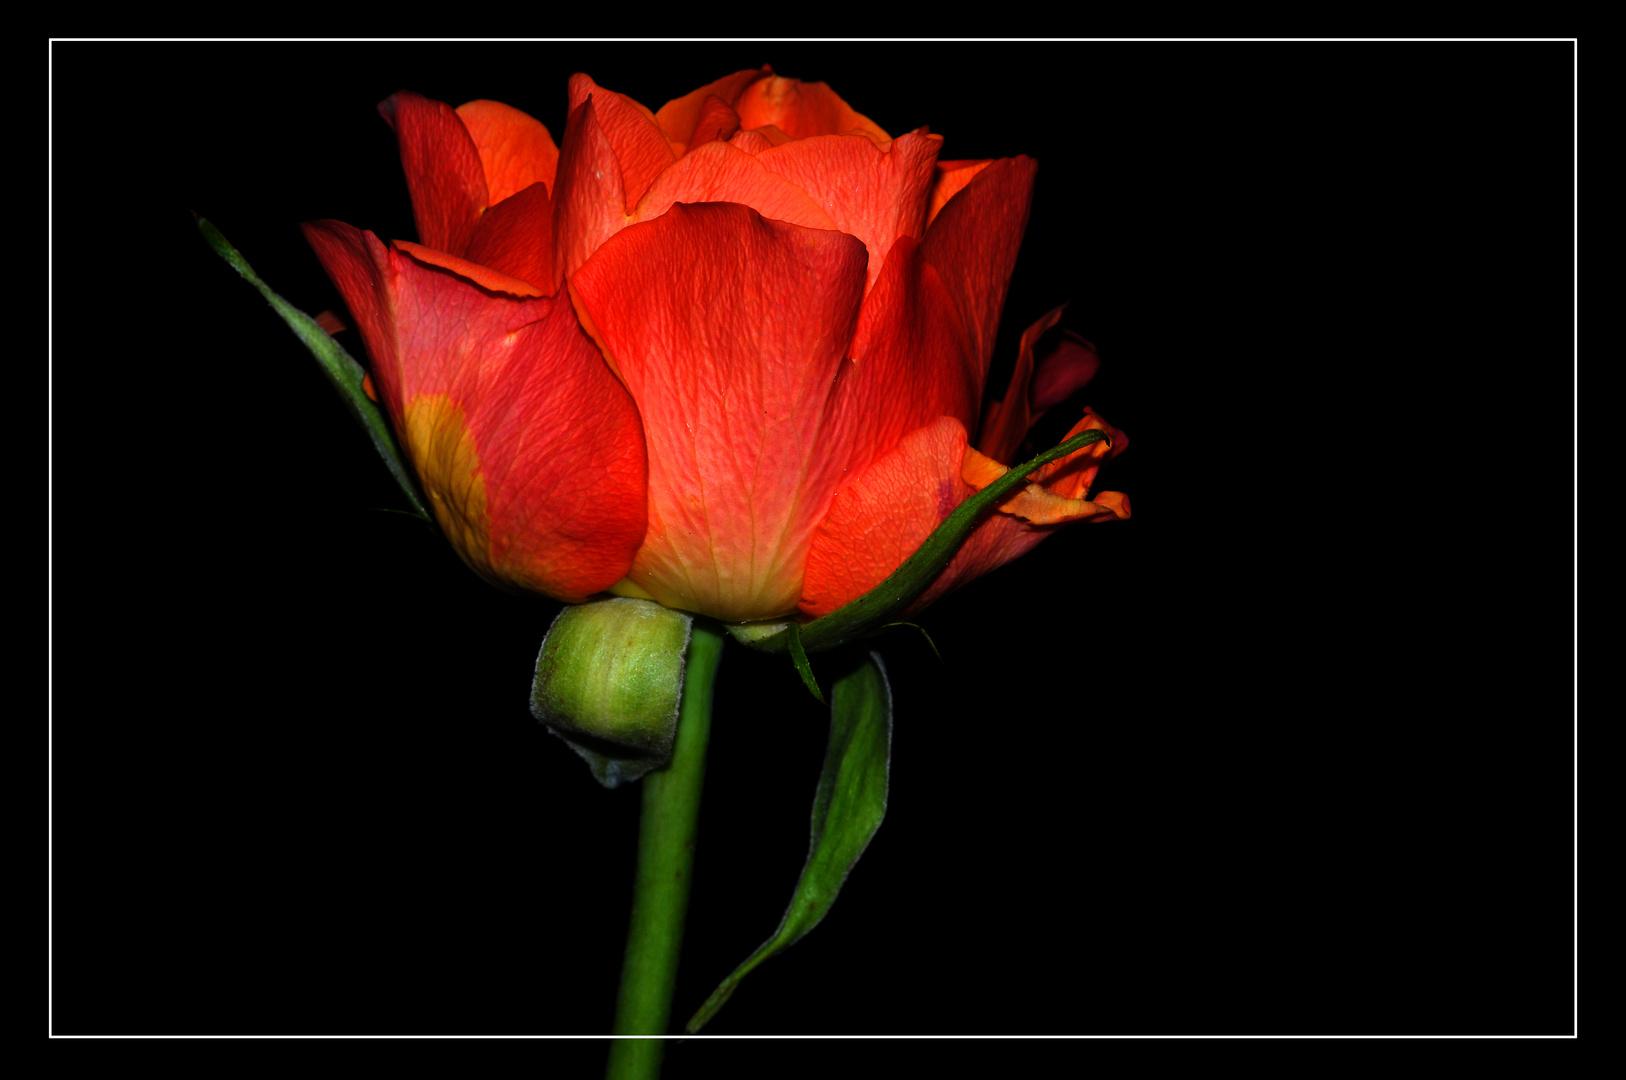 Rose neu bearbeitet